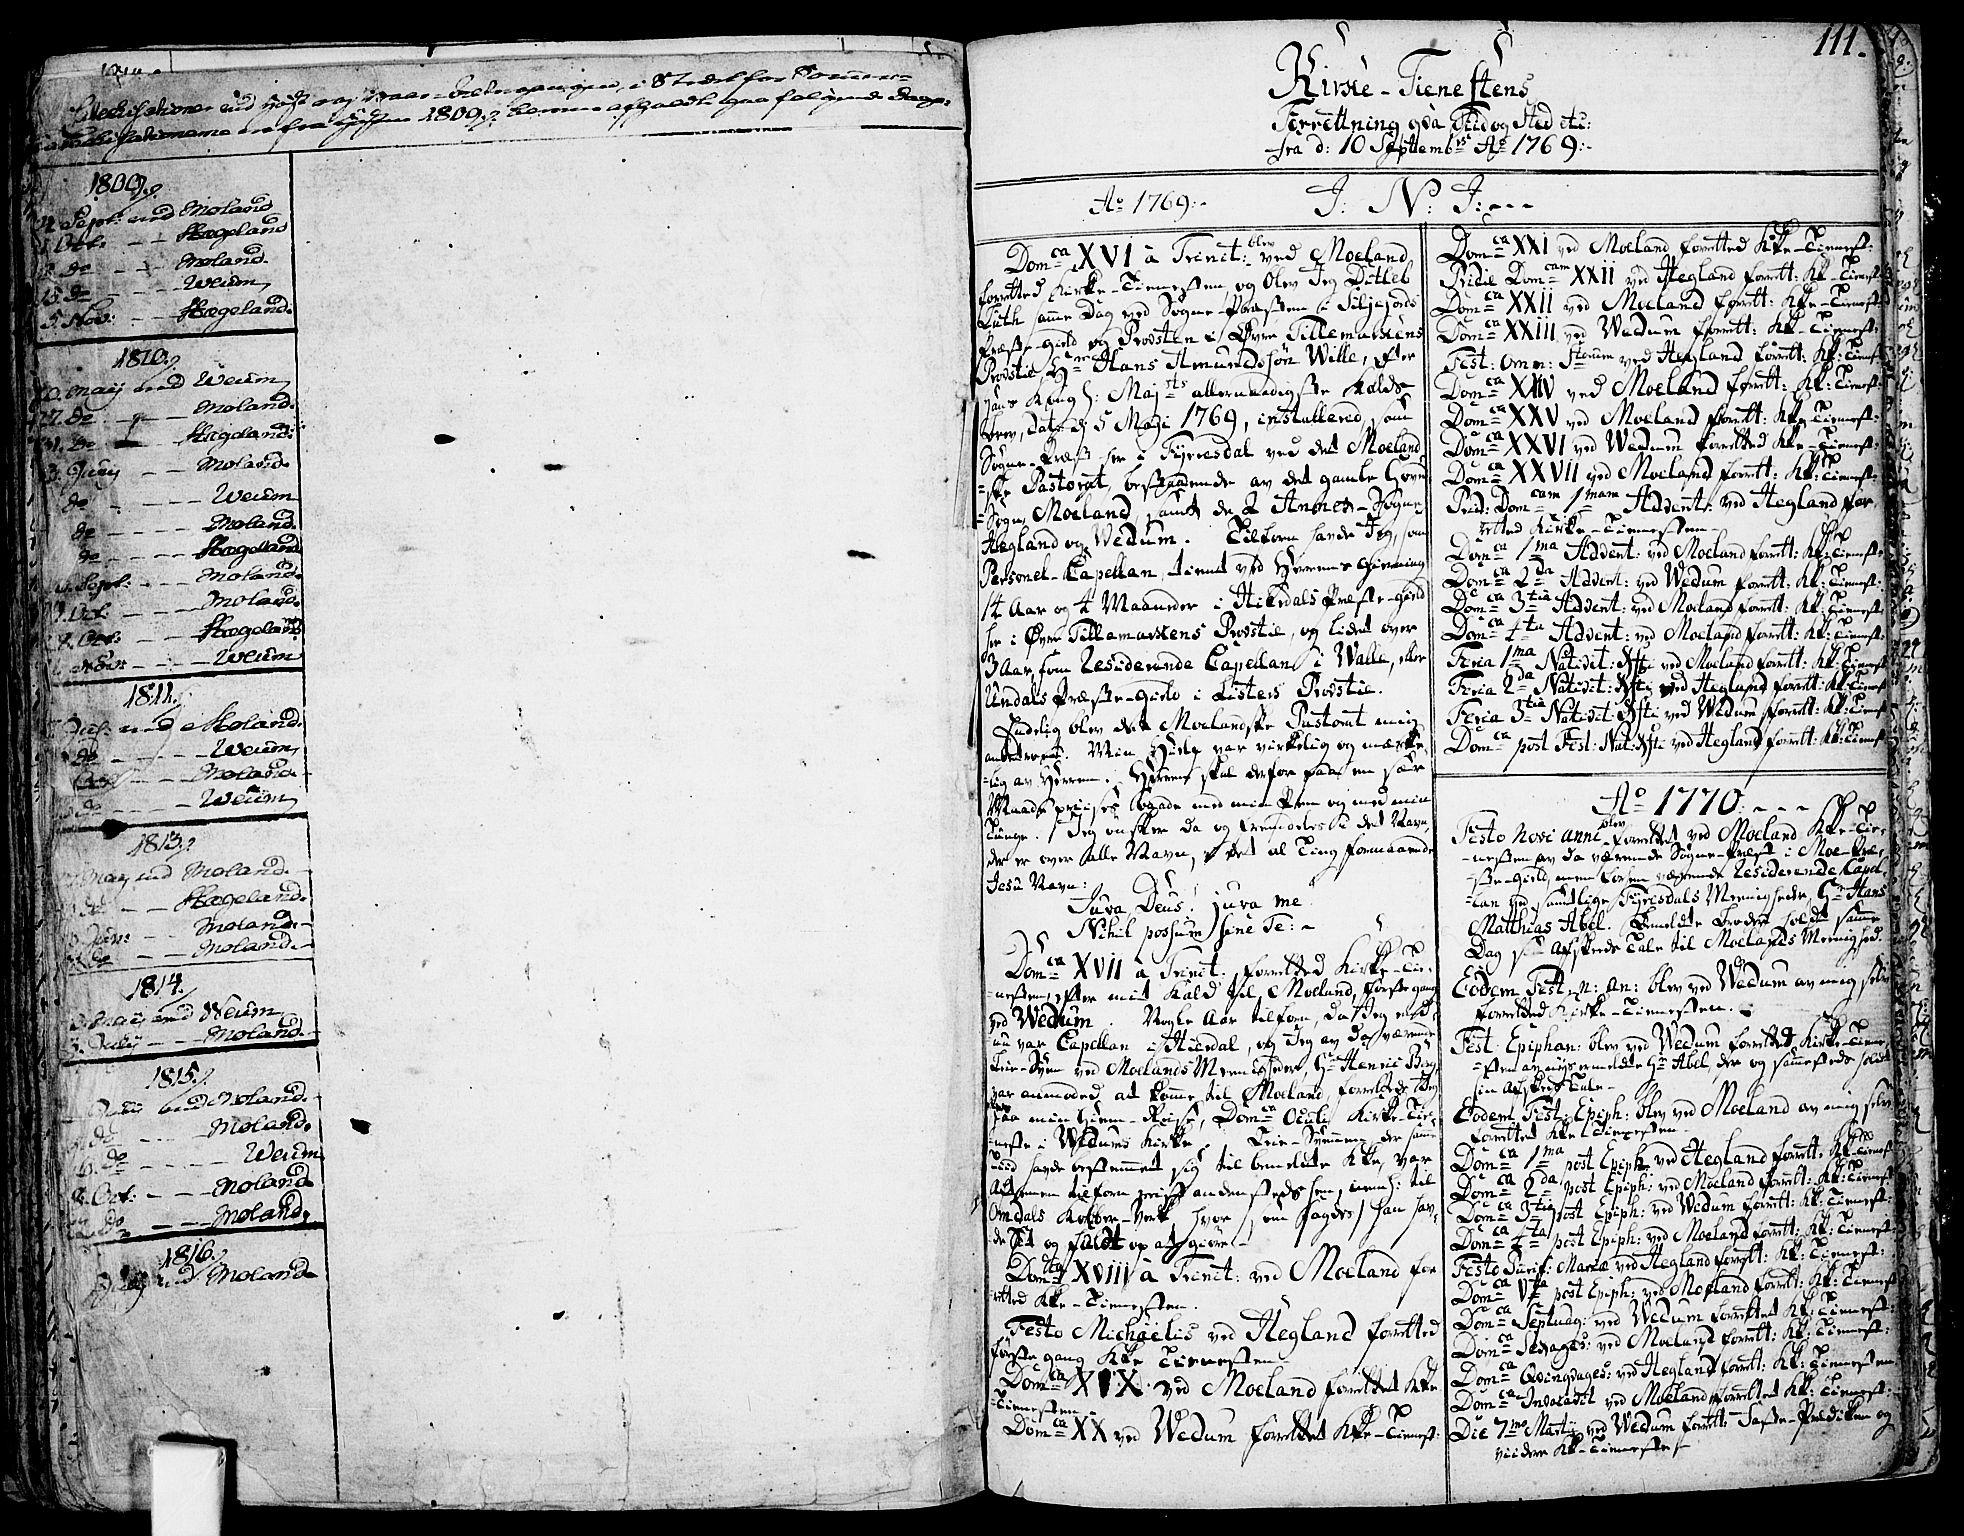 SAKO, Fyresdal kirkebøker, F/Fa/L0002: Ministerialbok nr. I 2, 1769-1814, s. 111